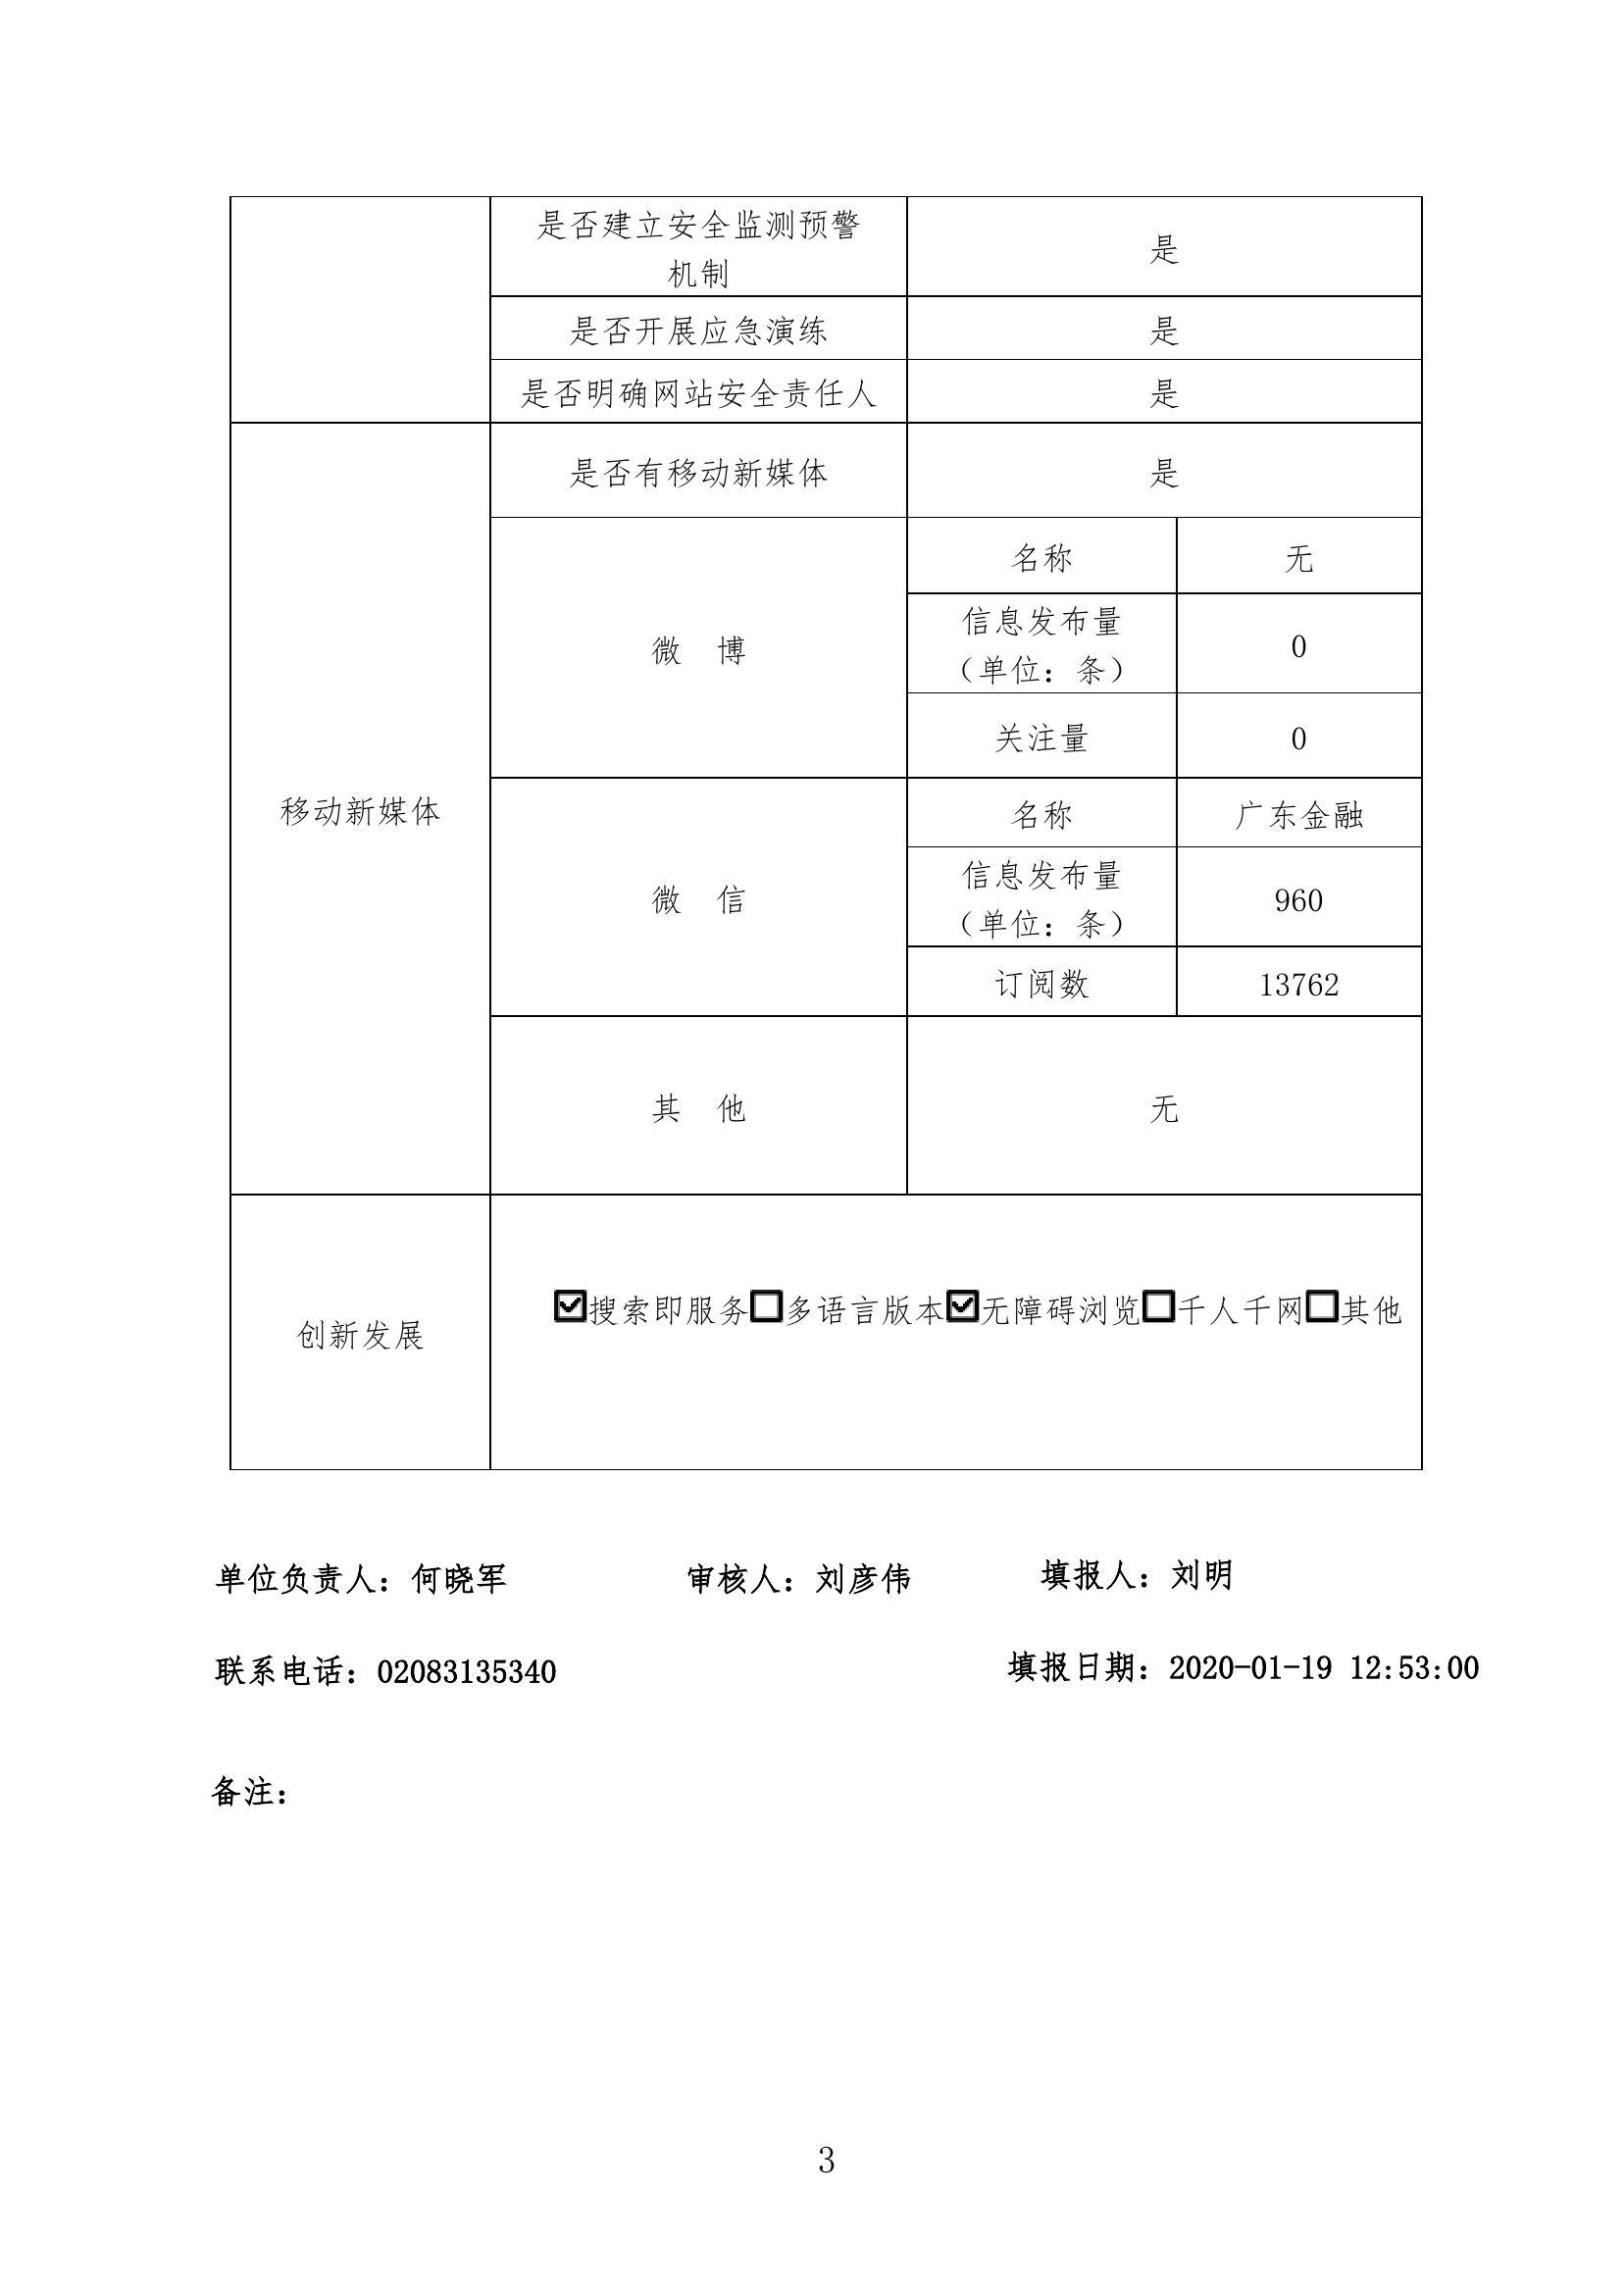 广东省地方金融监督管理局政府网站年度工作报告3.jpg